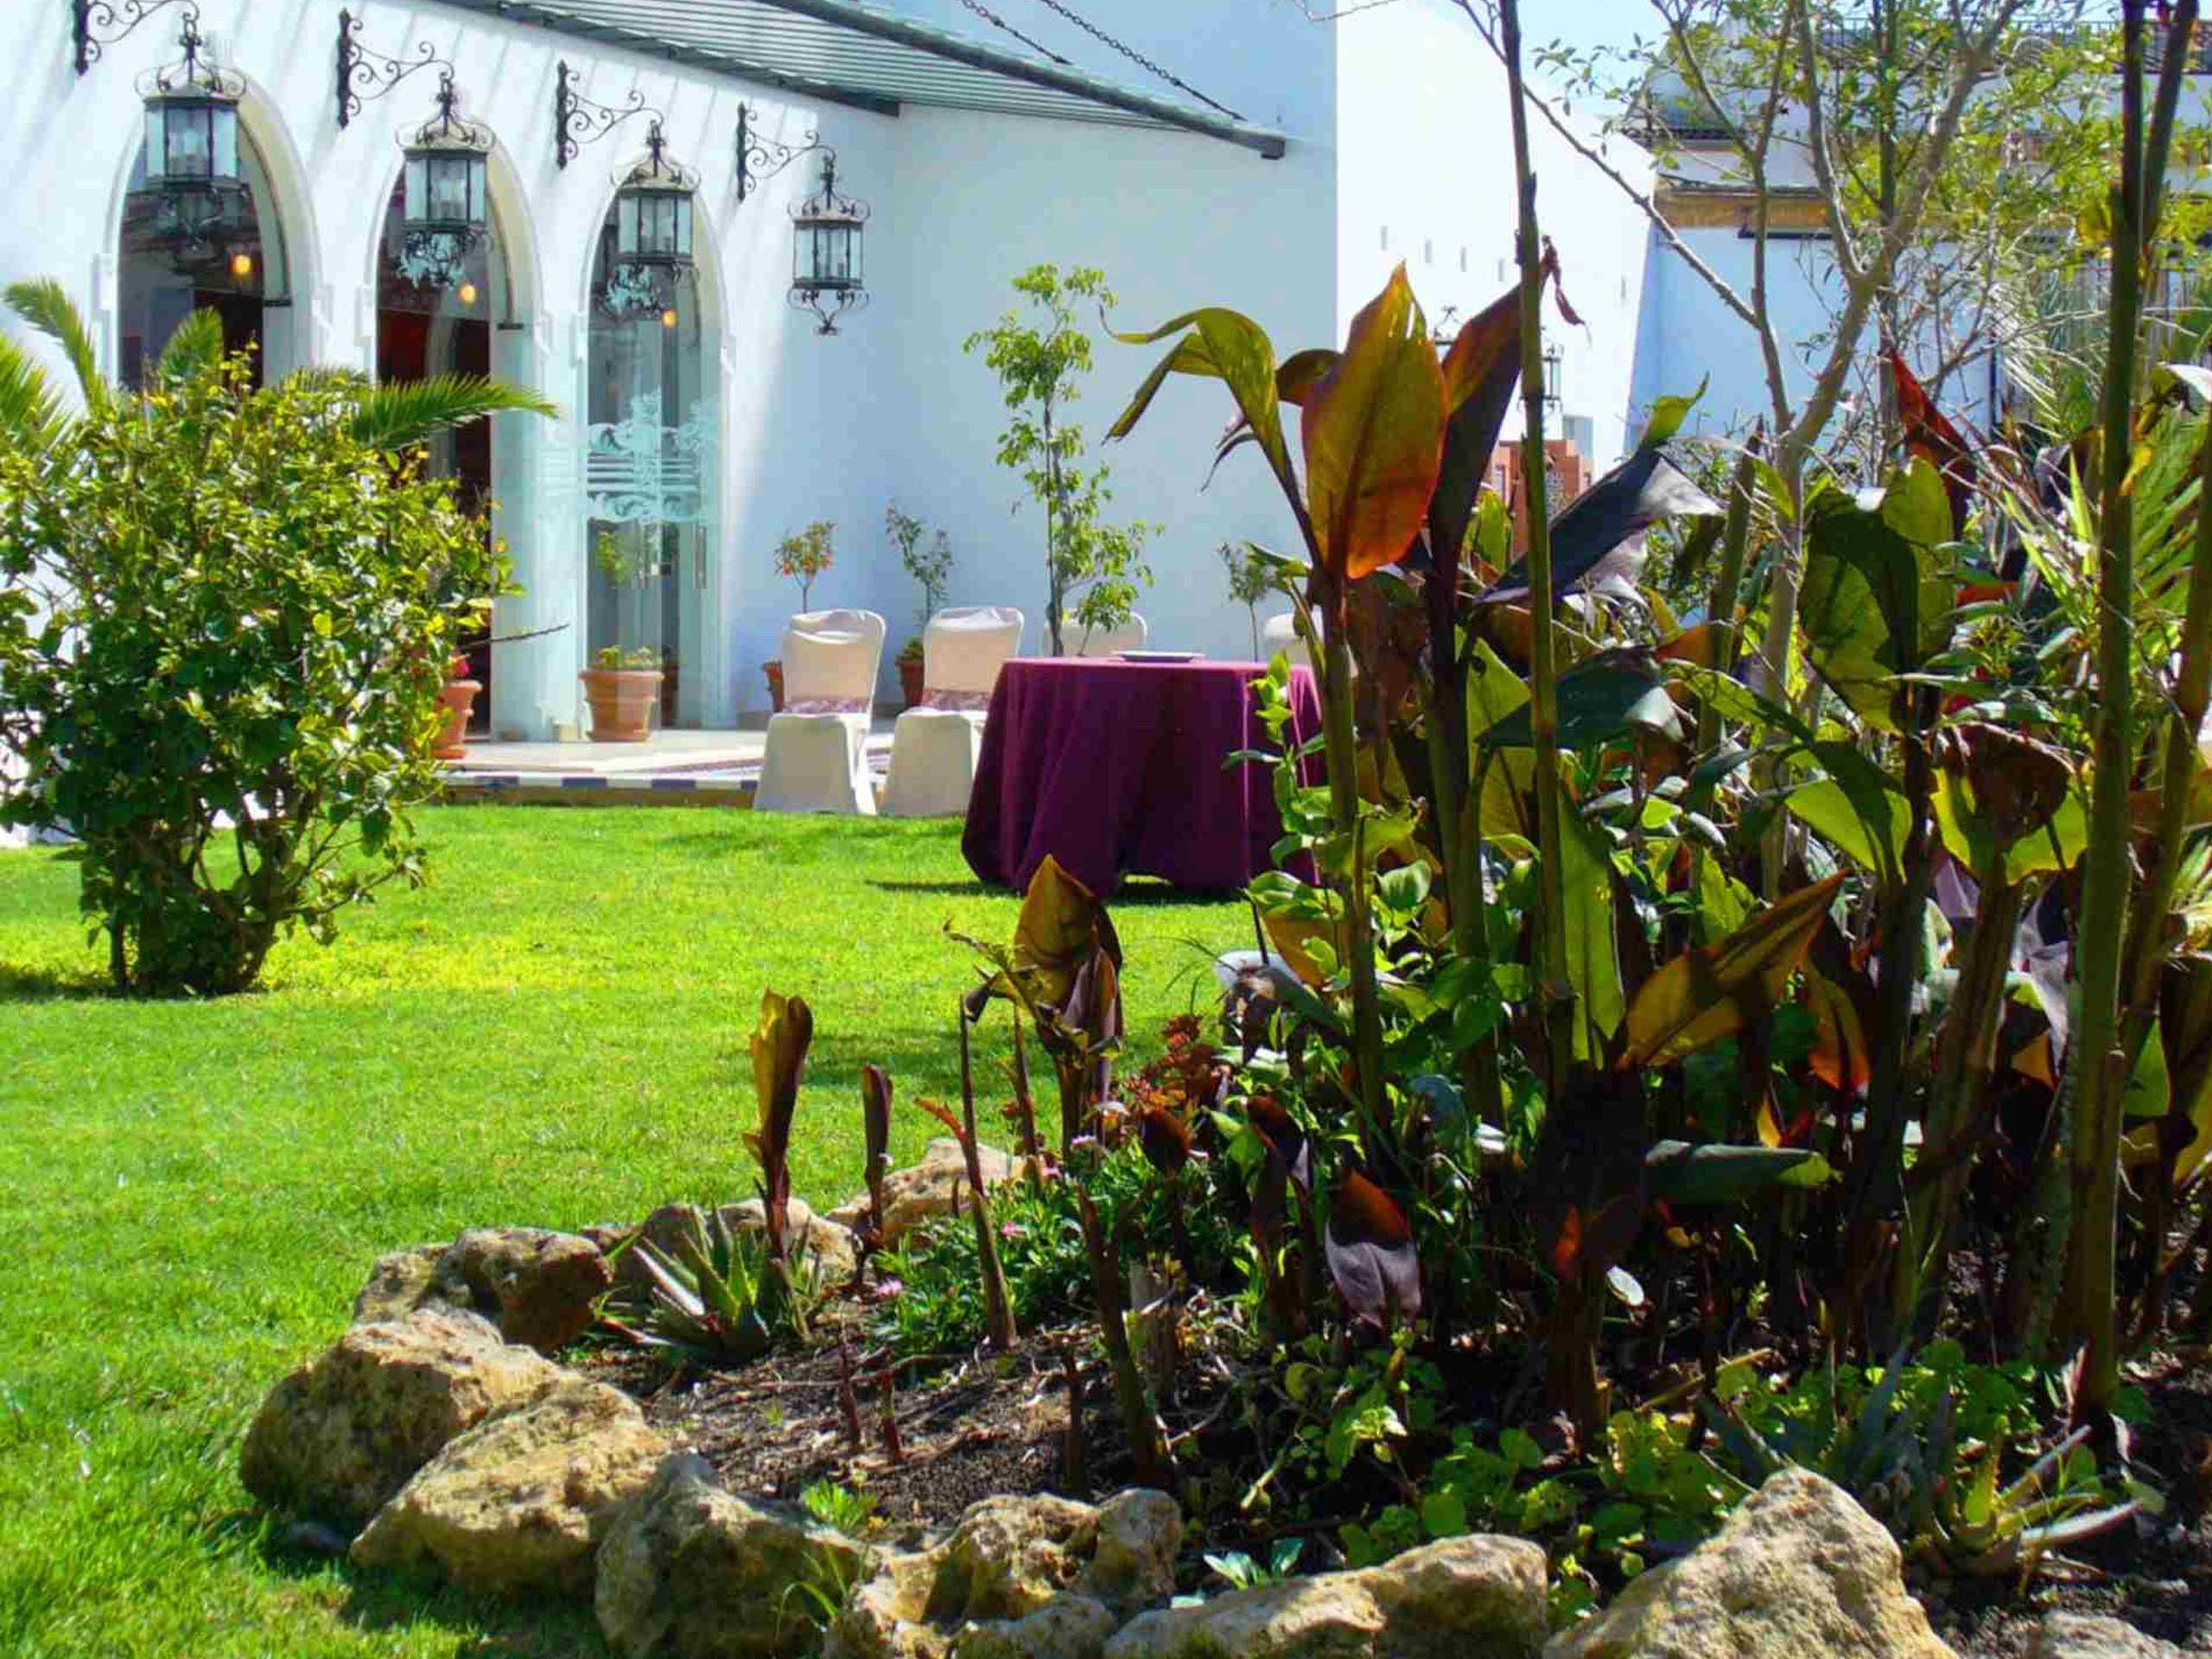 Jardines para eventos al aire libre en Bodegas Andrade. Zonas verdes con bonitas vistas rodeados de barricas de vino y viñedos